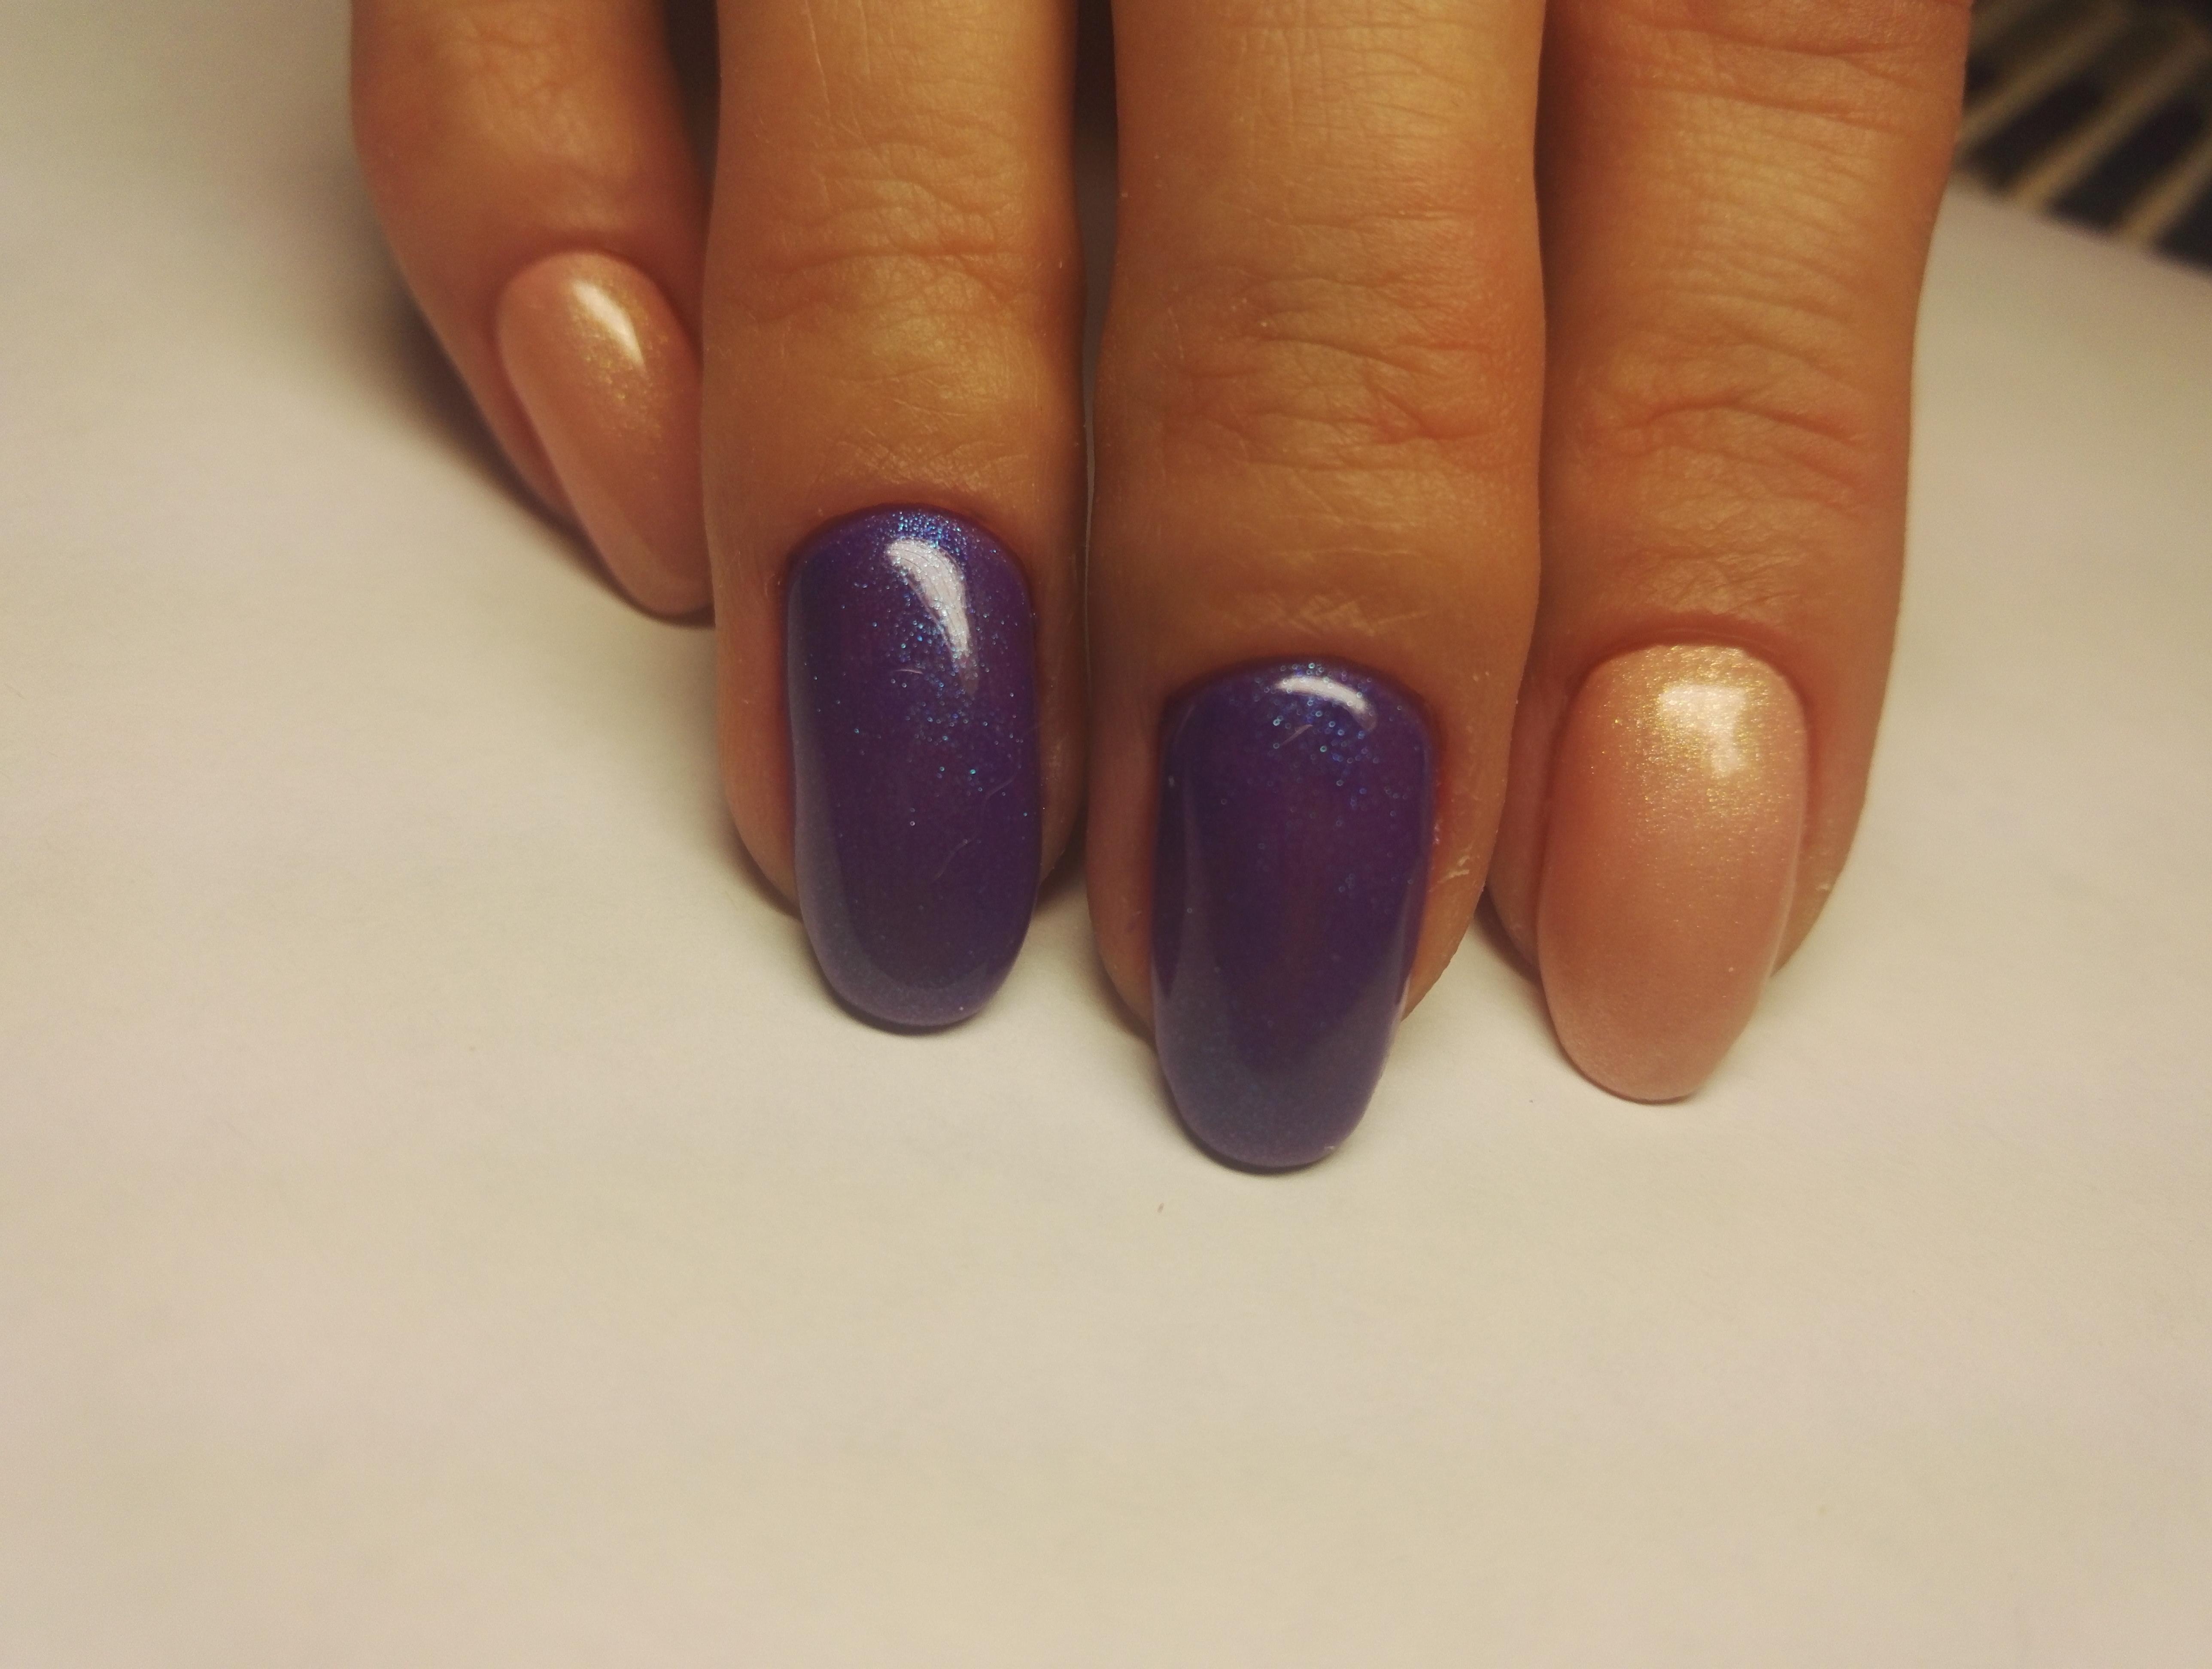 Маникюр в фиолетовом цвете с бежевым дизайном.